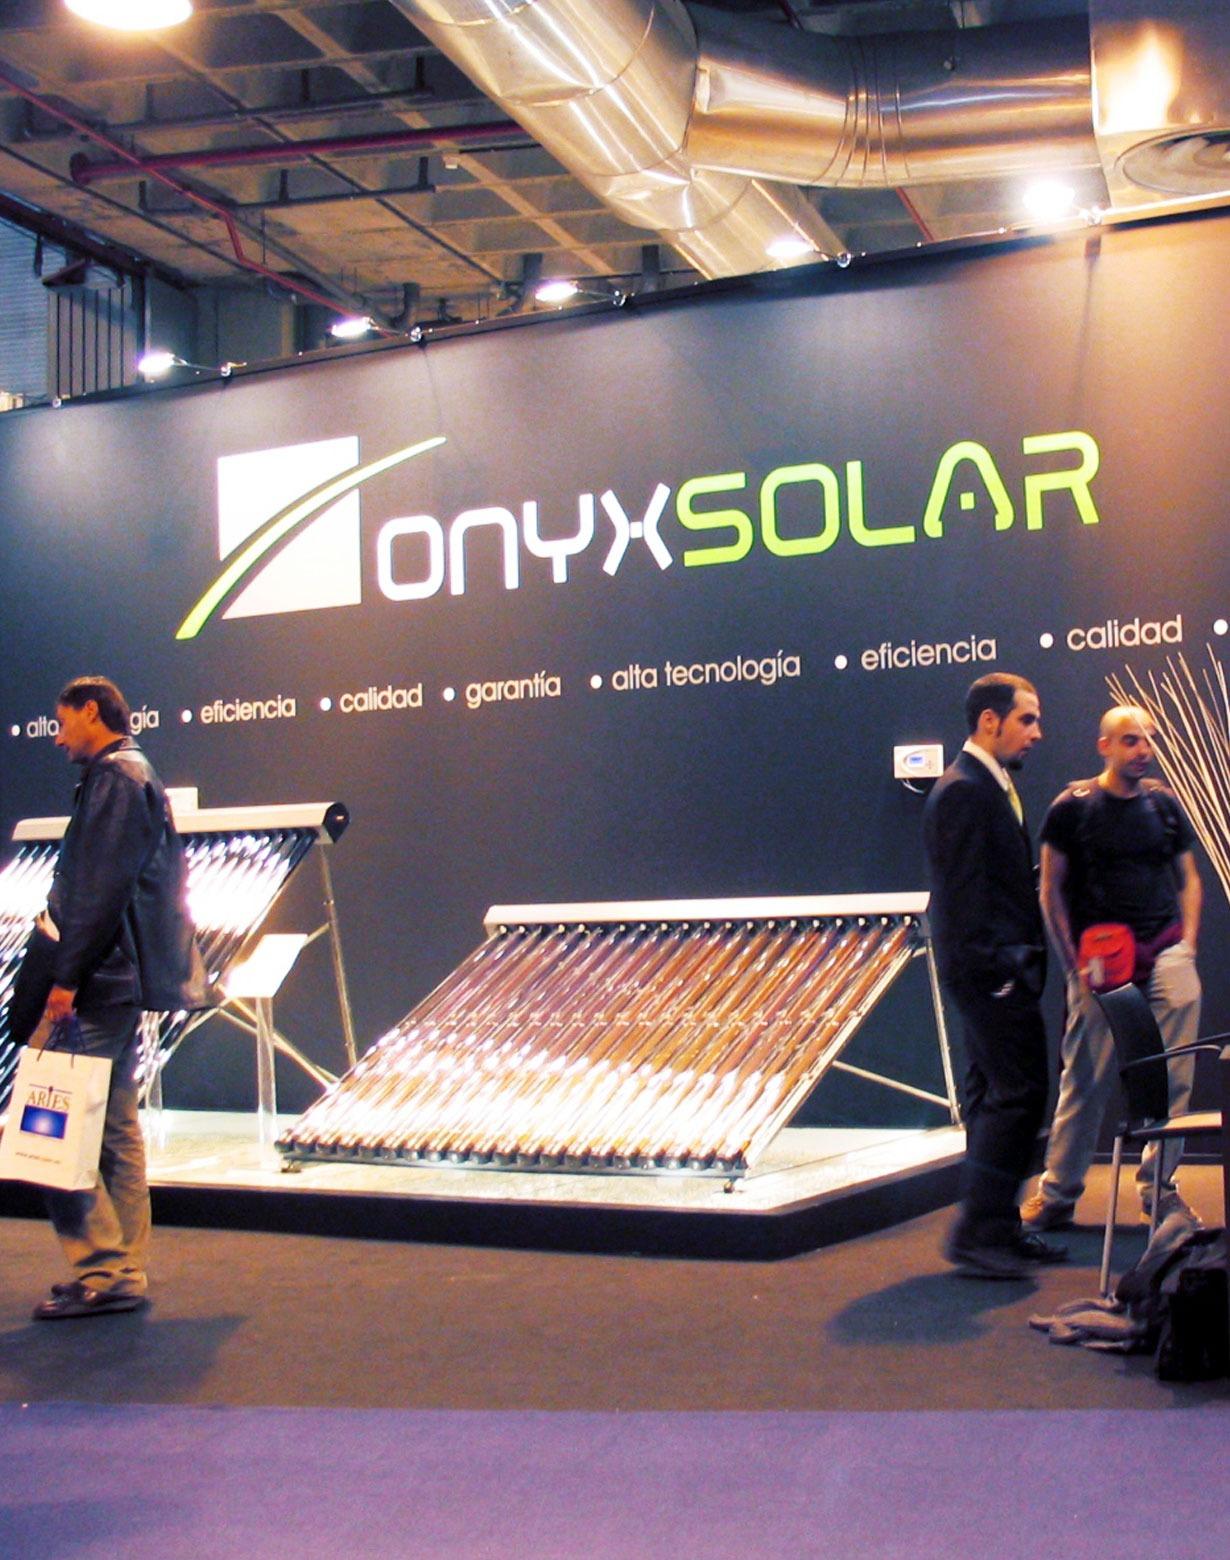 Diseño stand onyx solar 4